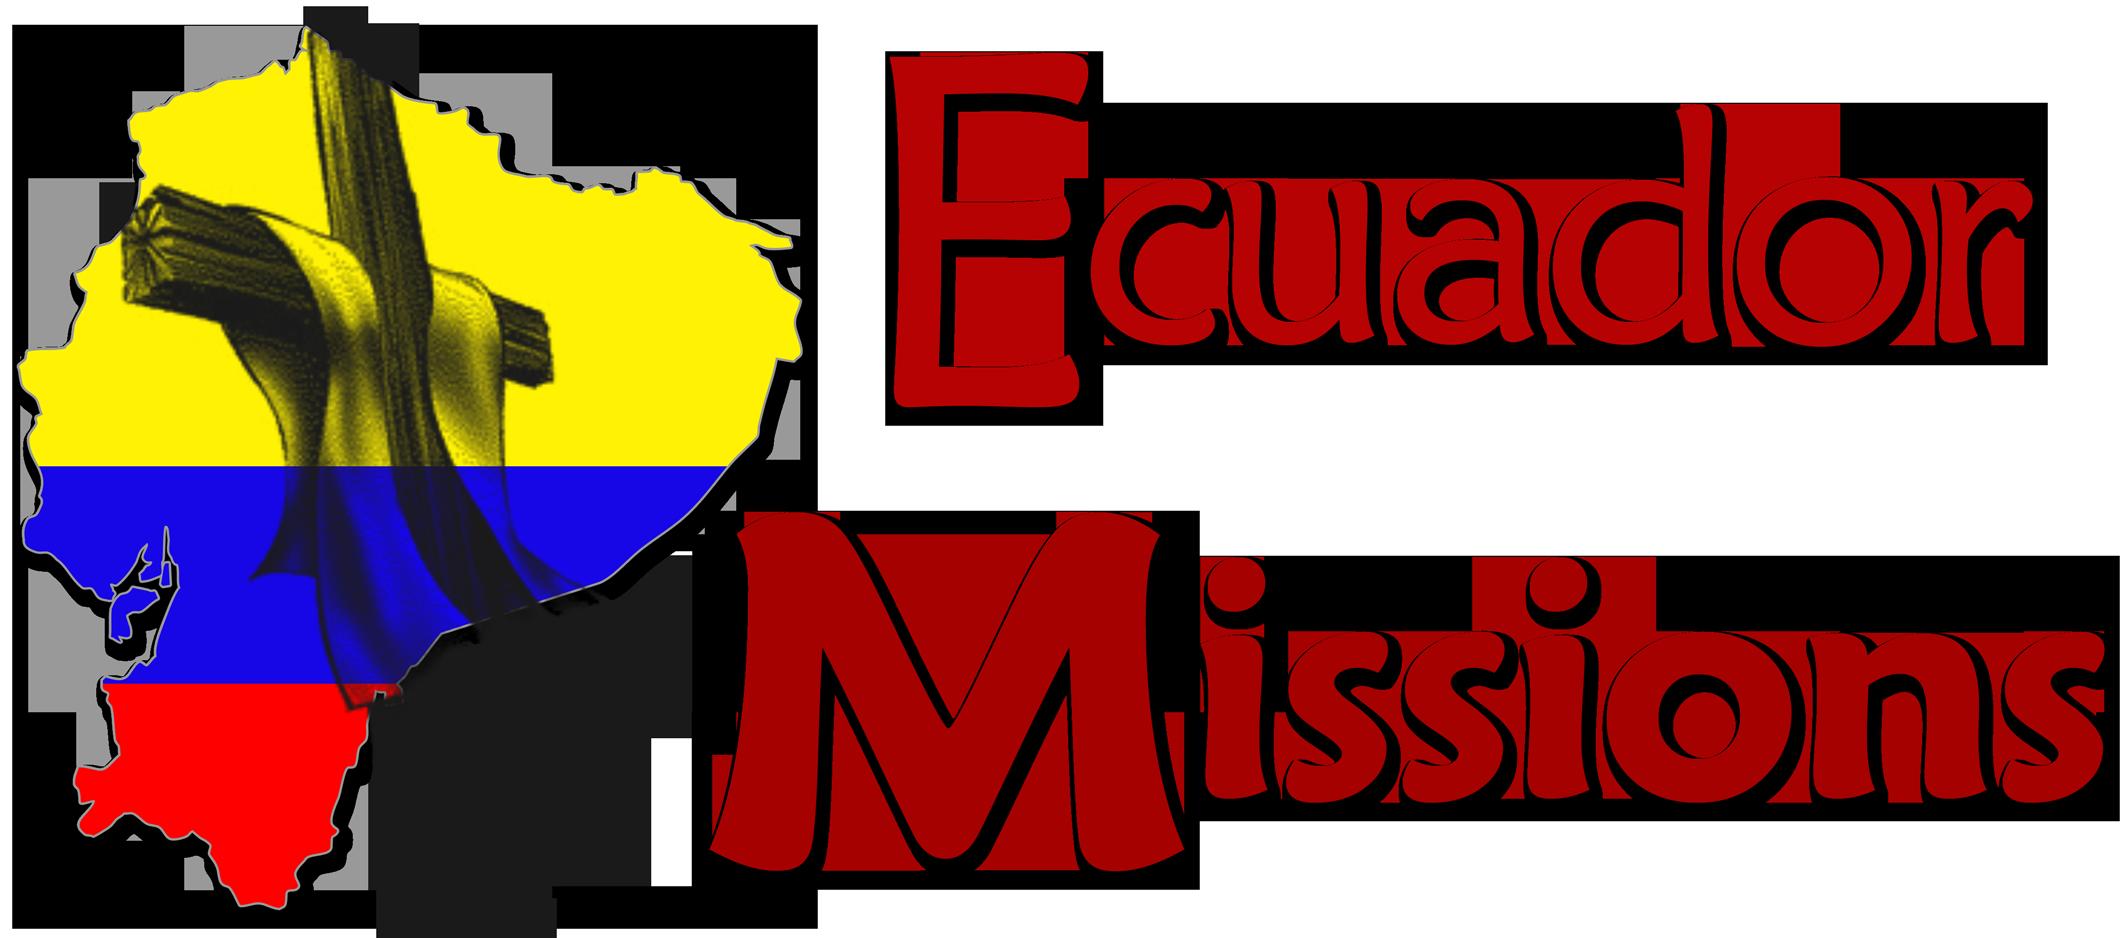 Ecuador Missions